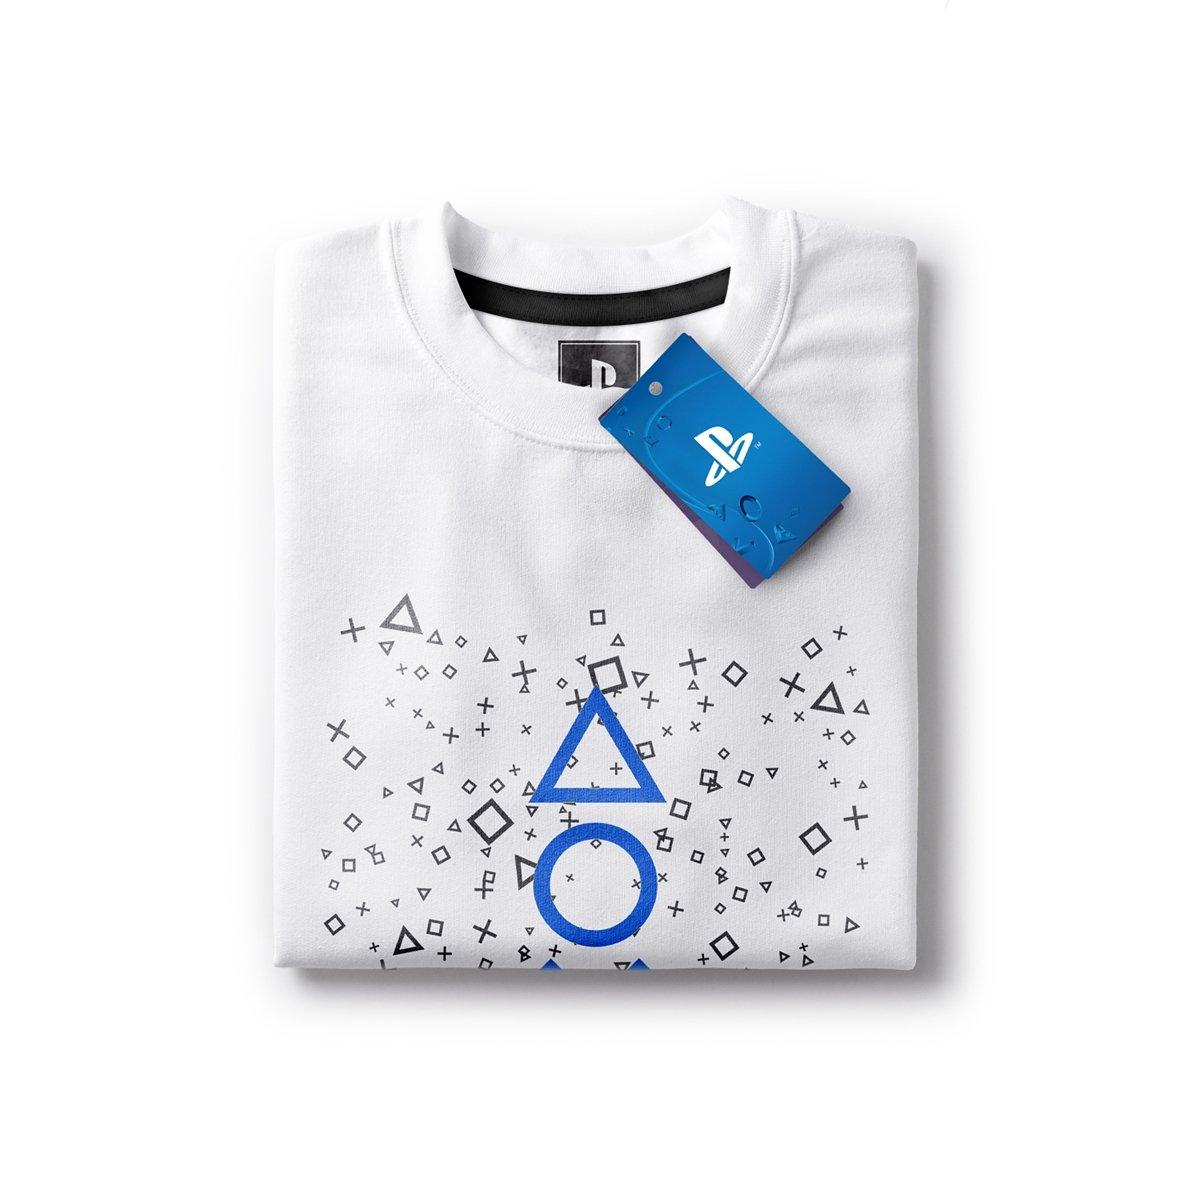 d0b92af3d Camiseta Playstation Fizz Symbols Masculina - Branco - Compre Agora ...